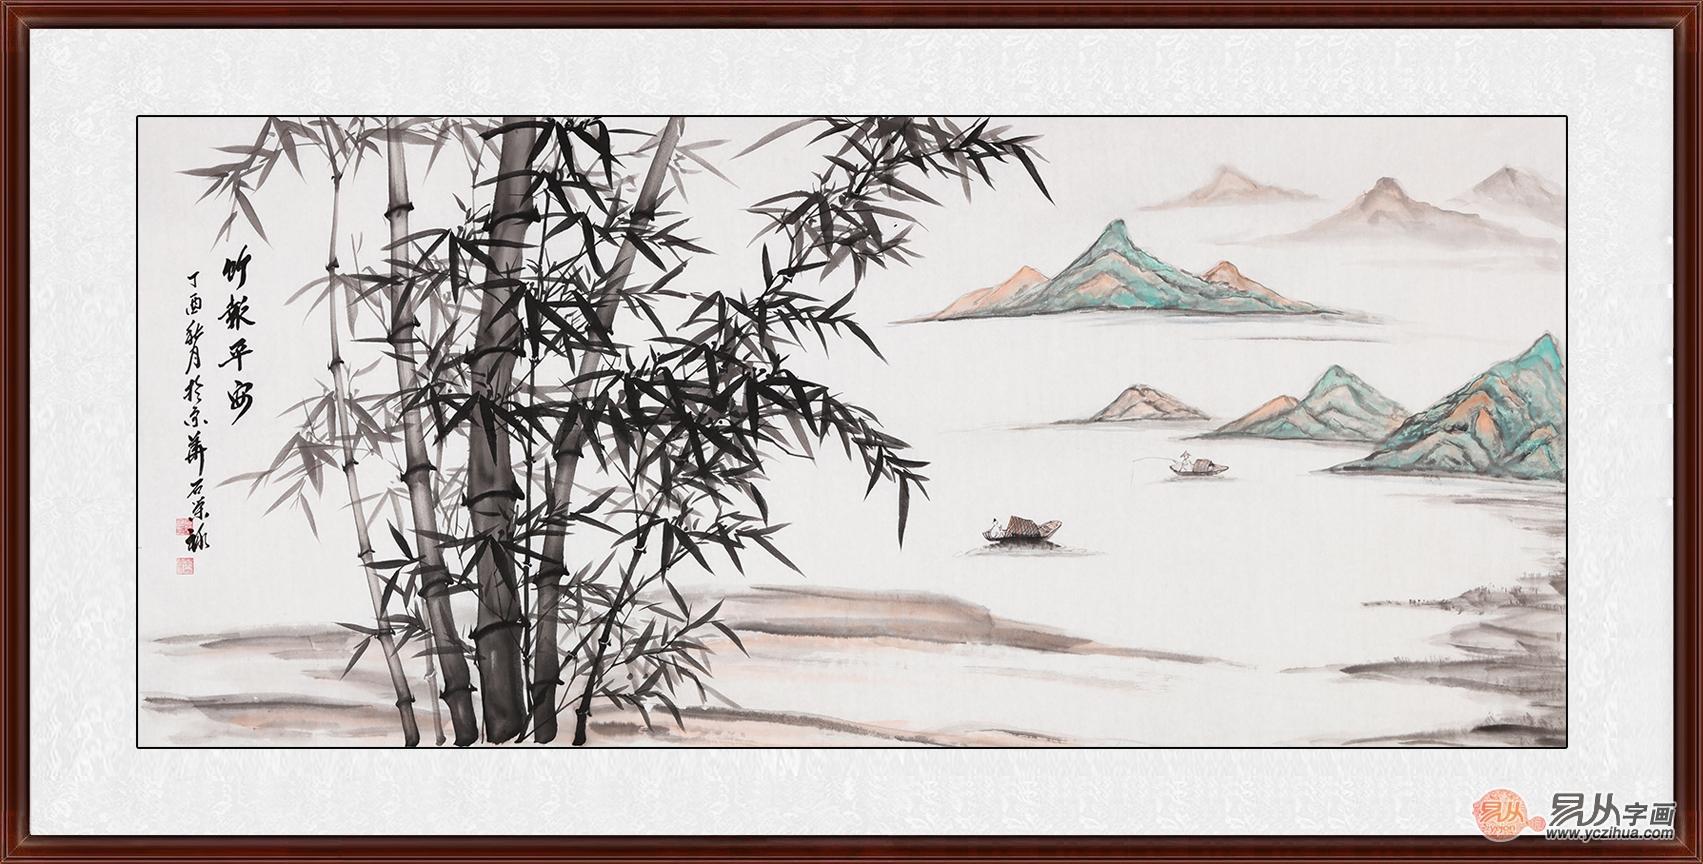 用竹子山水画装饰卧室清雅别致,颇具古风,还可以给家中带来富贵,平安